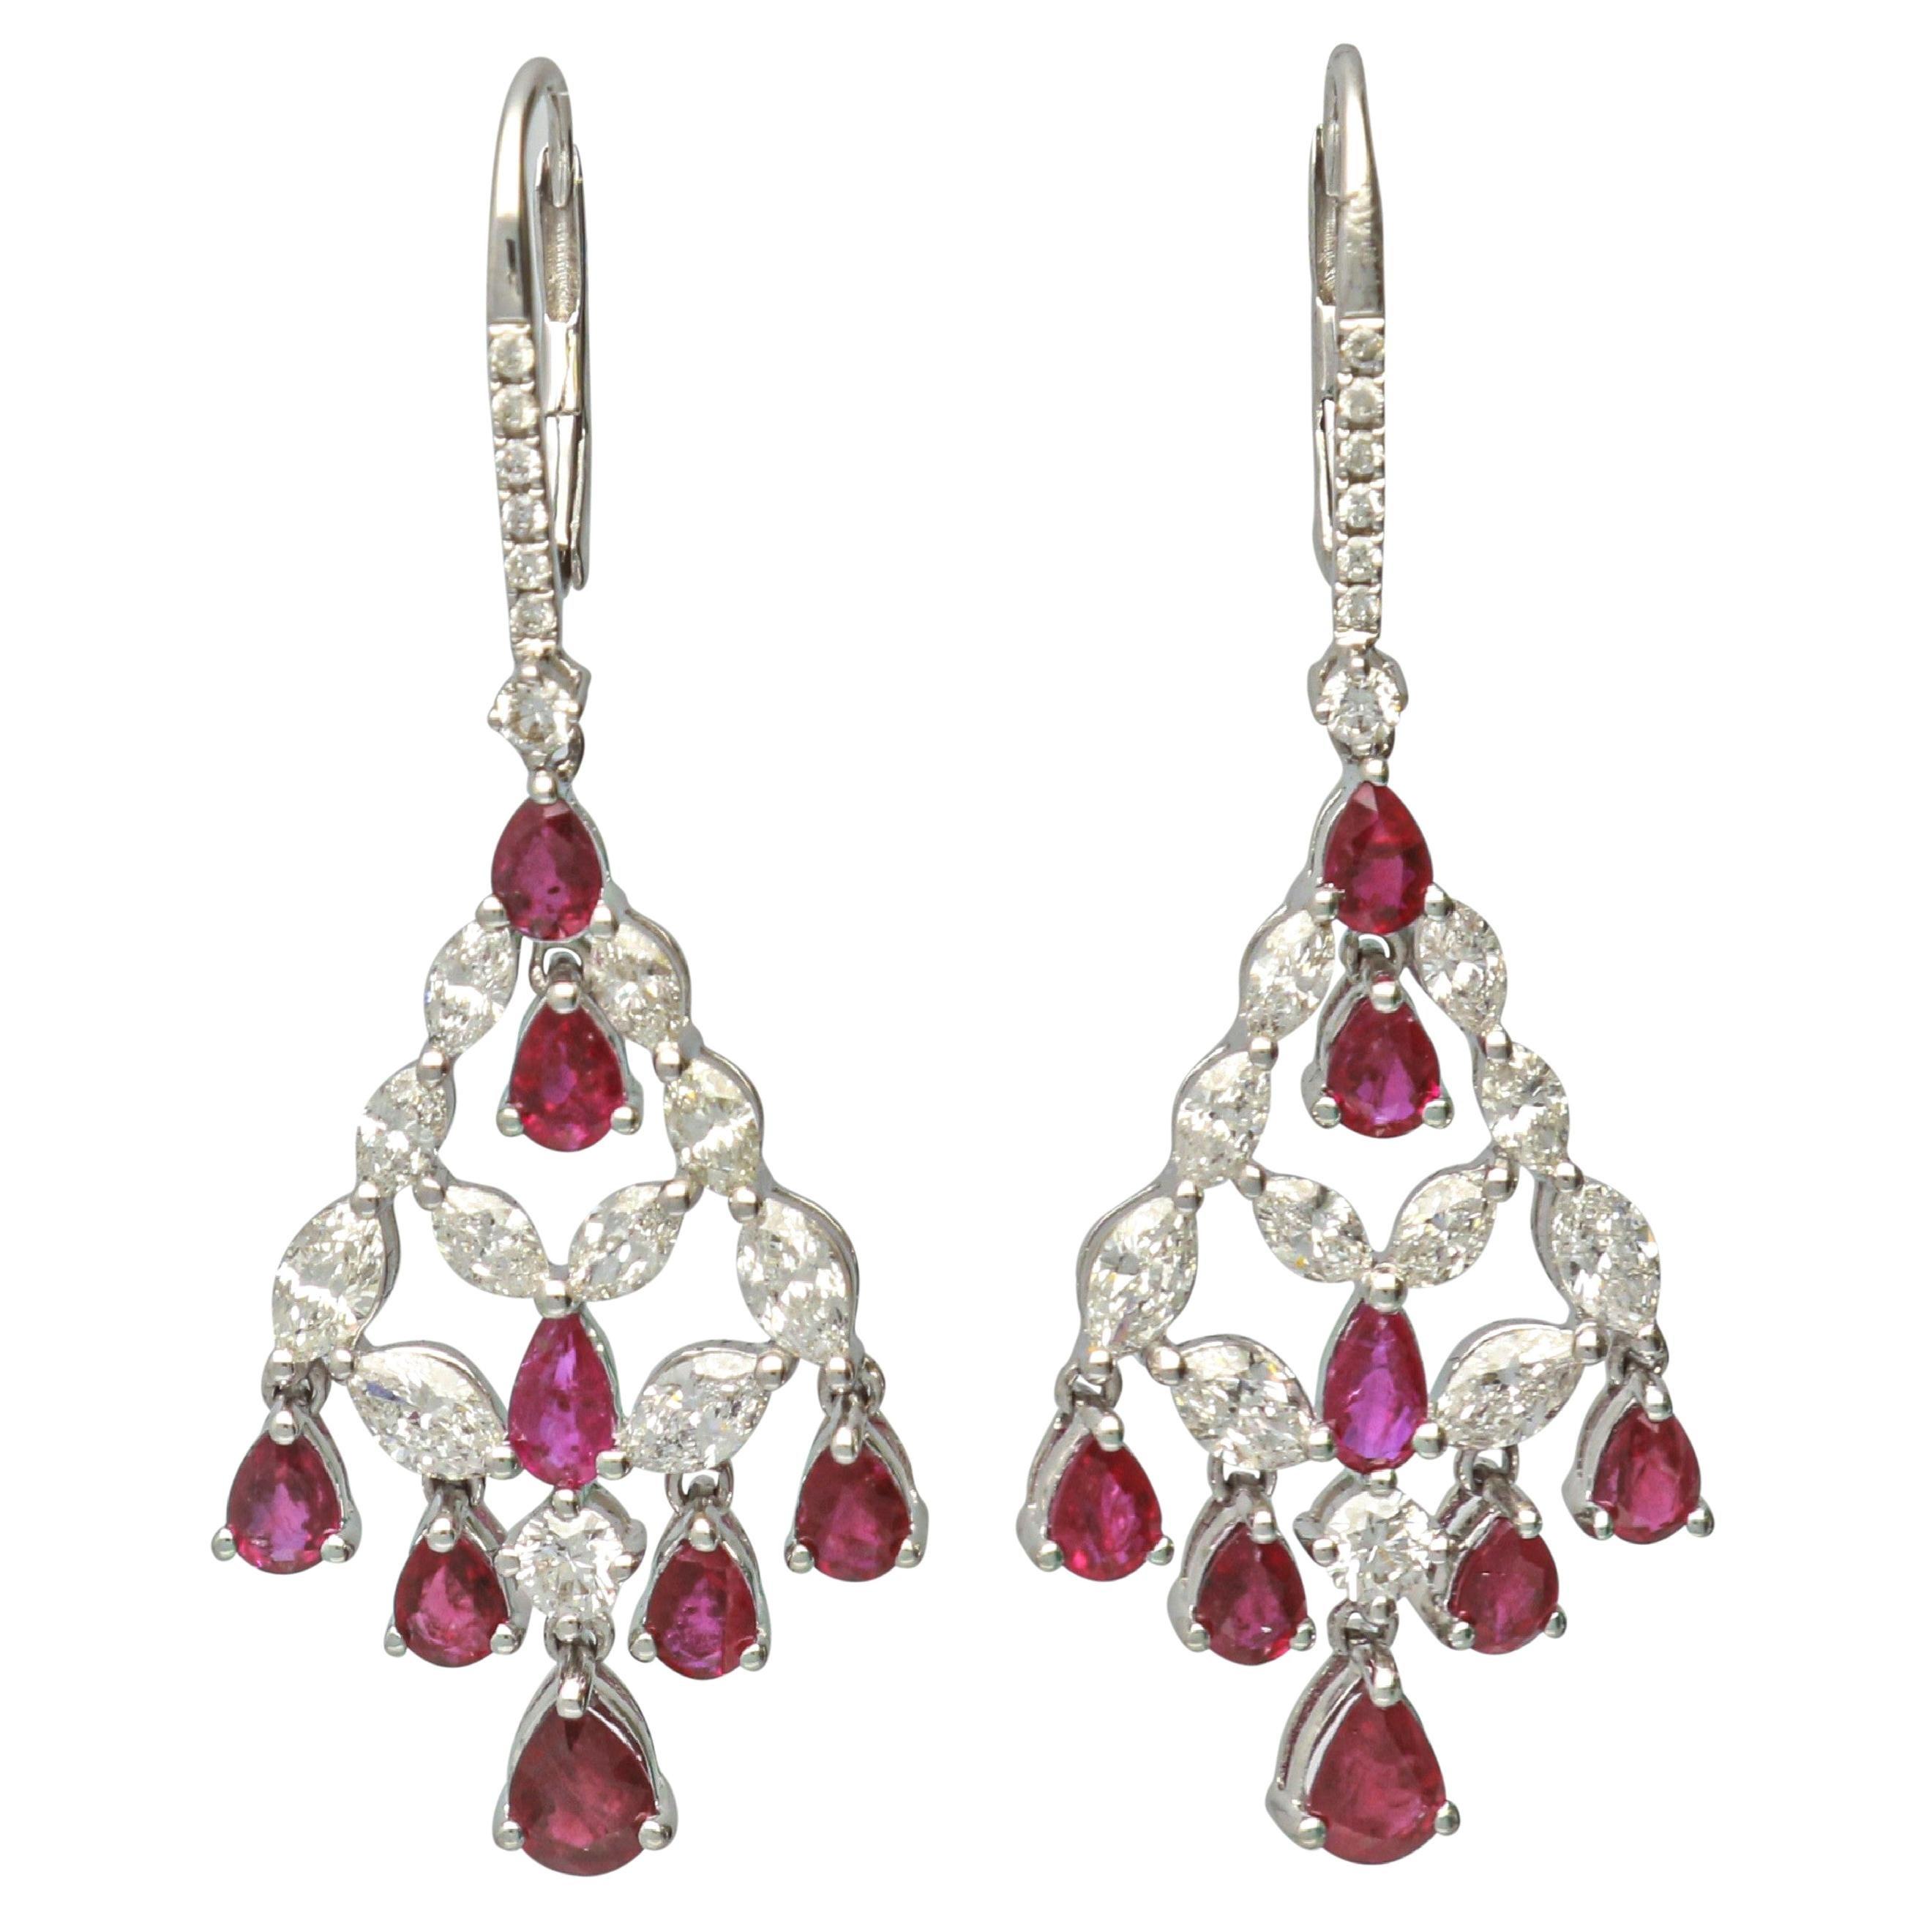 GAL Certified 3.78 Carat Ruby 18 Karat White Gold Leverback Earring